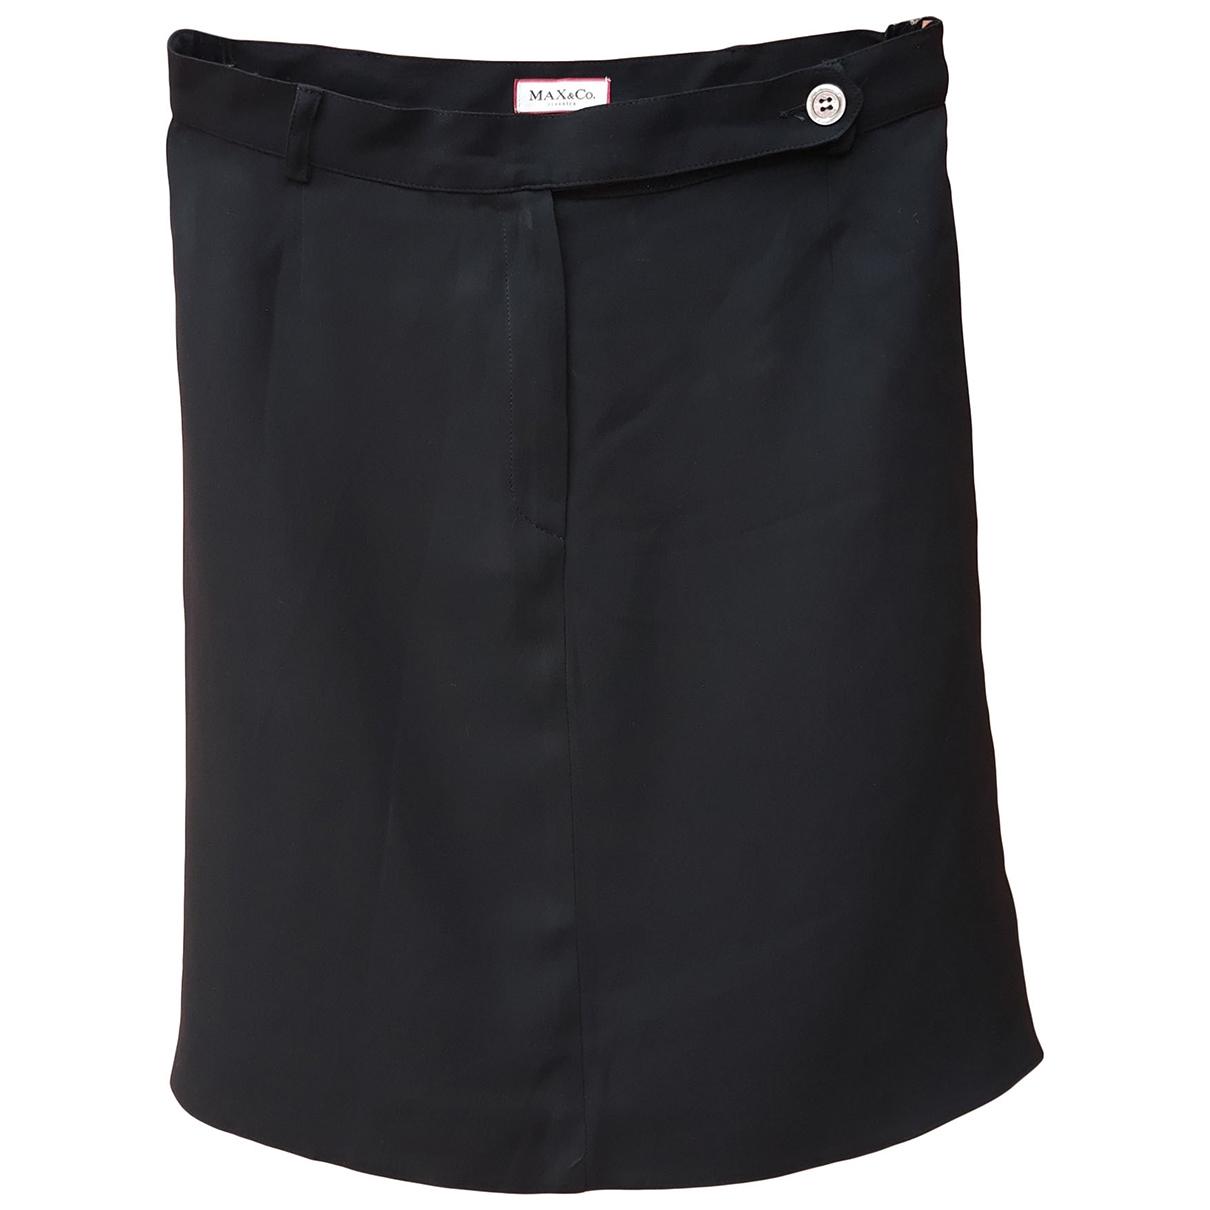 Max Mara \N Black skirt for Women 42 IT